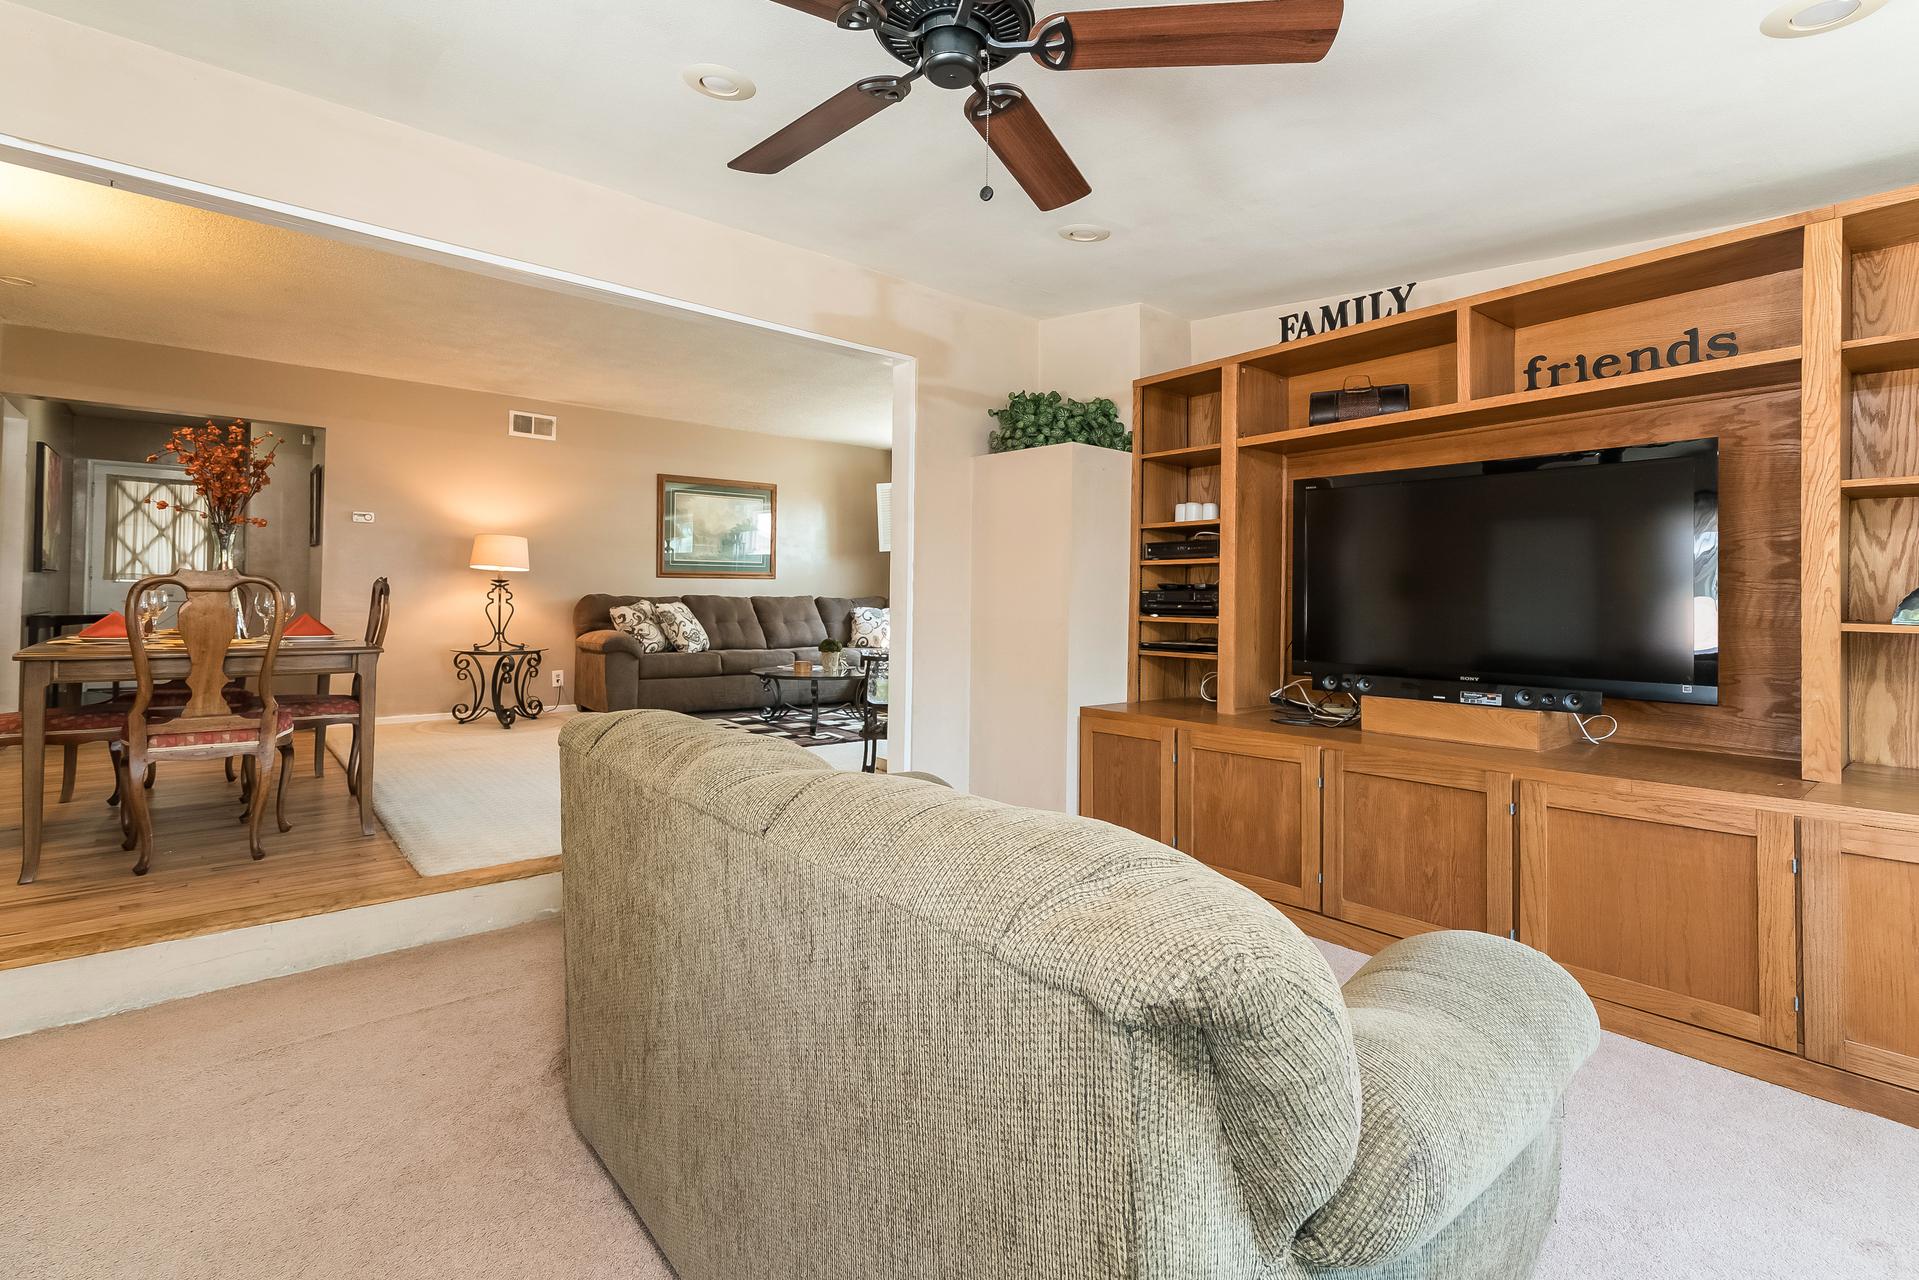 850 S Olive St, Anaheim, CA 92805 | RealEstate.com